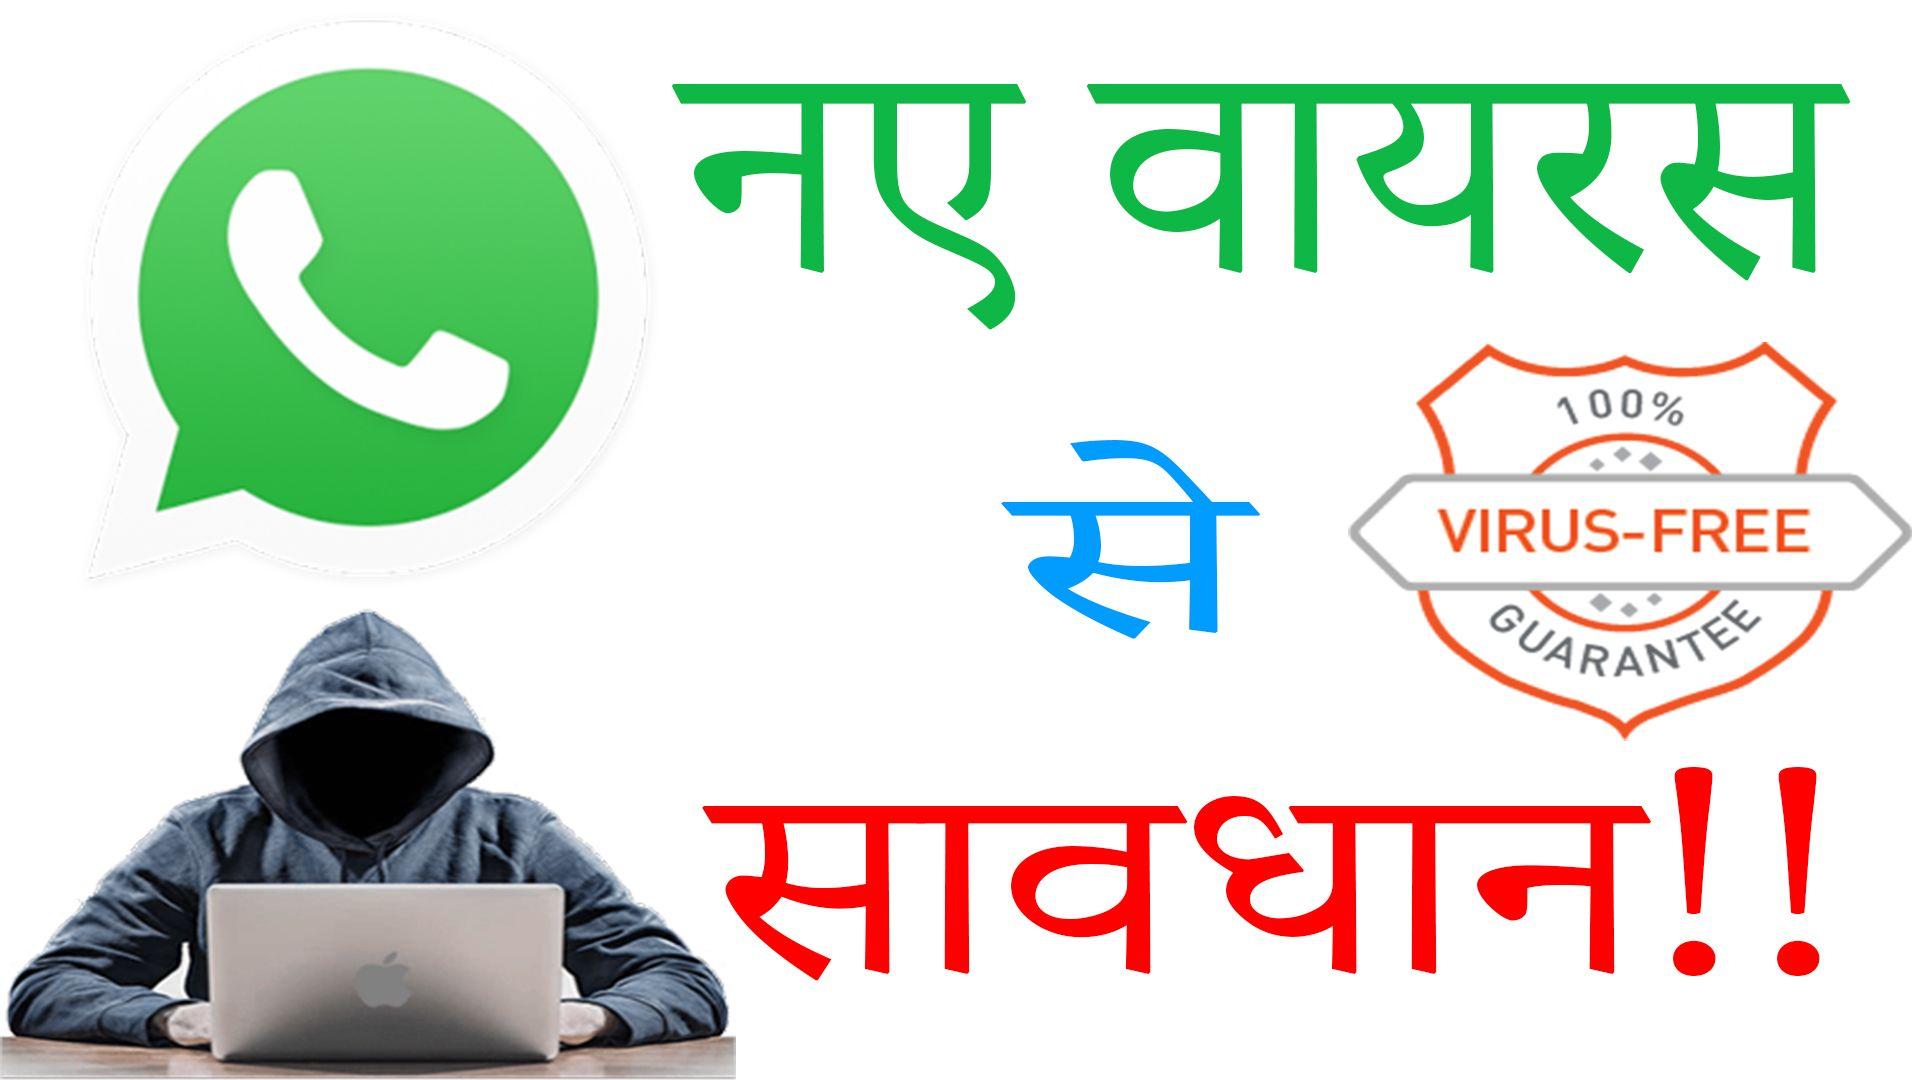 Youtu Be Virus Whatsapp